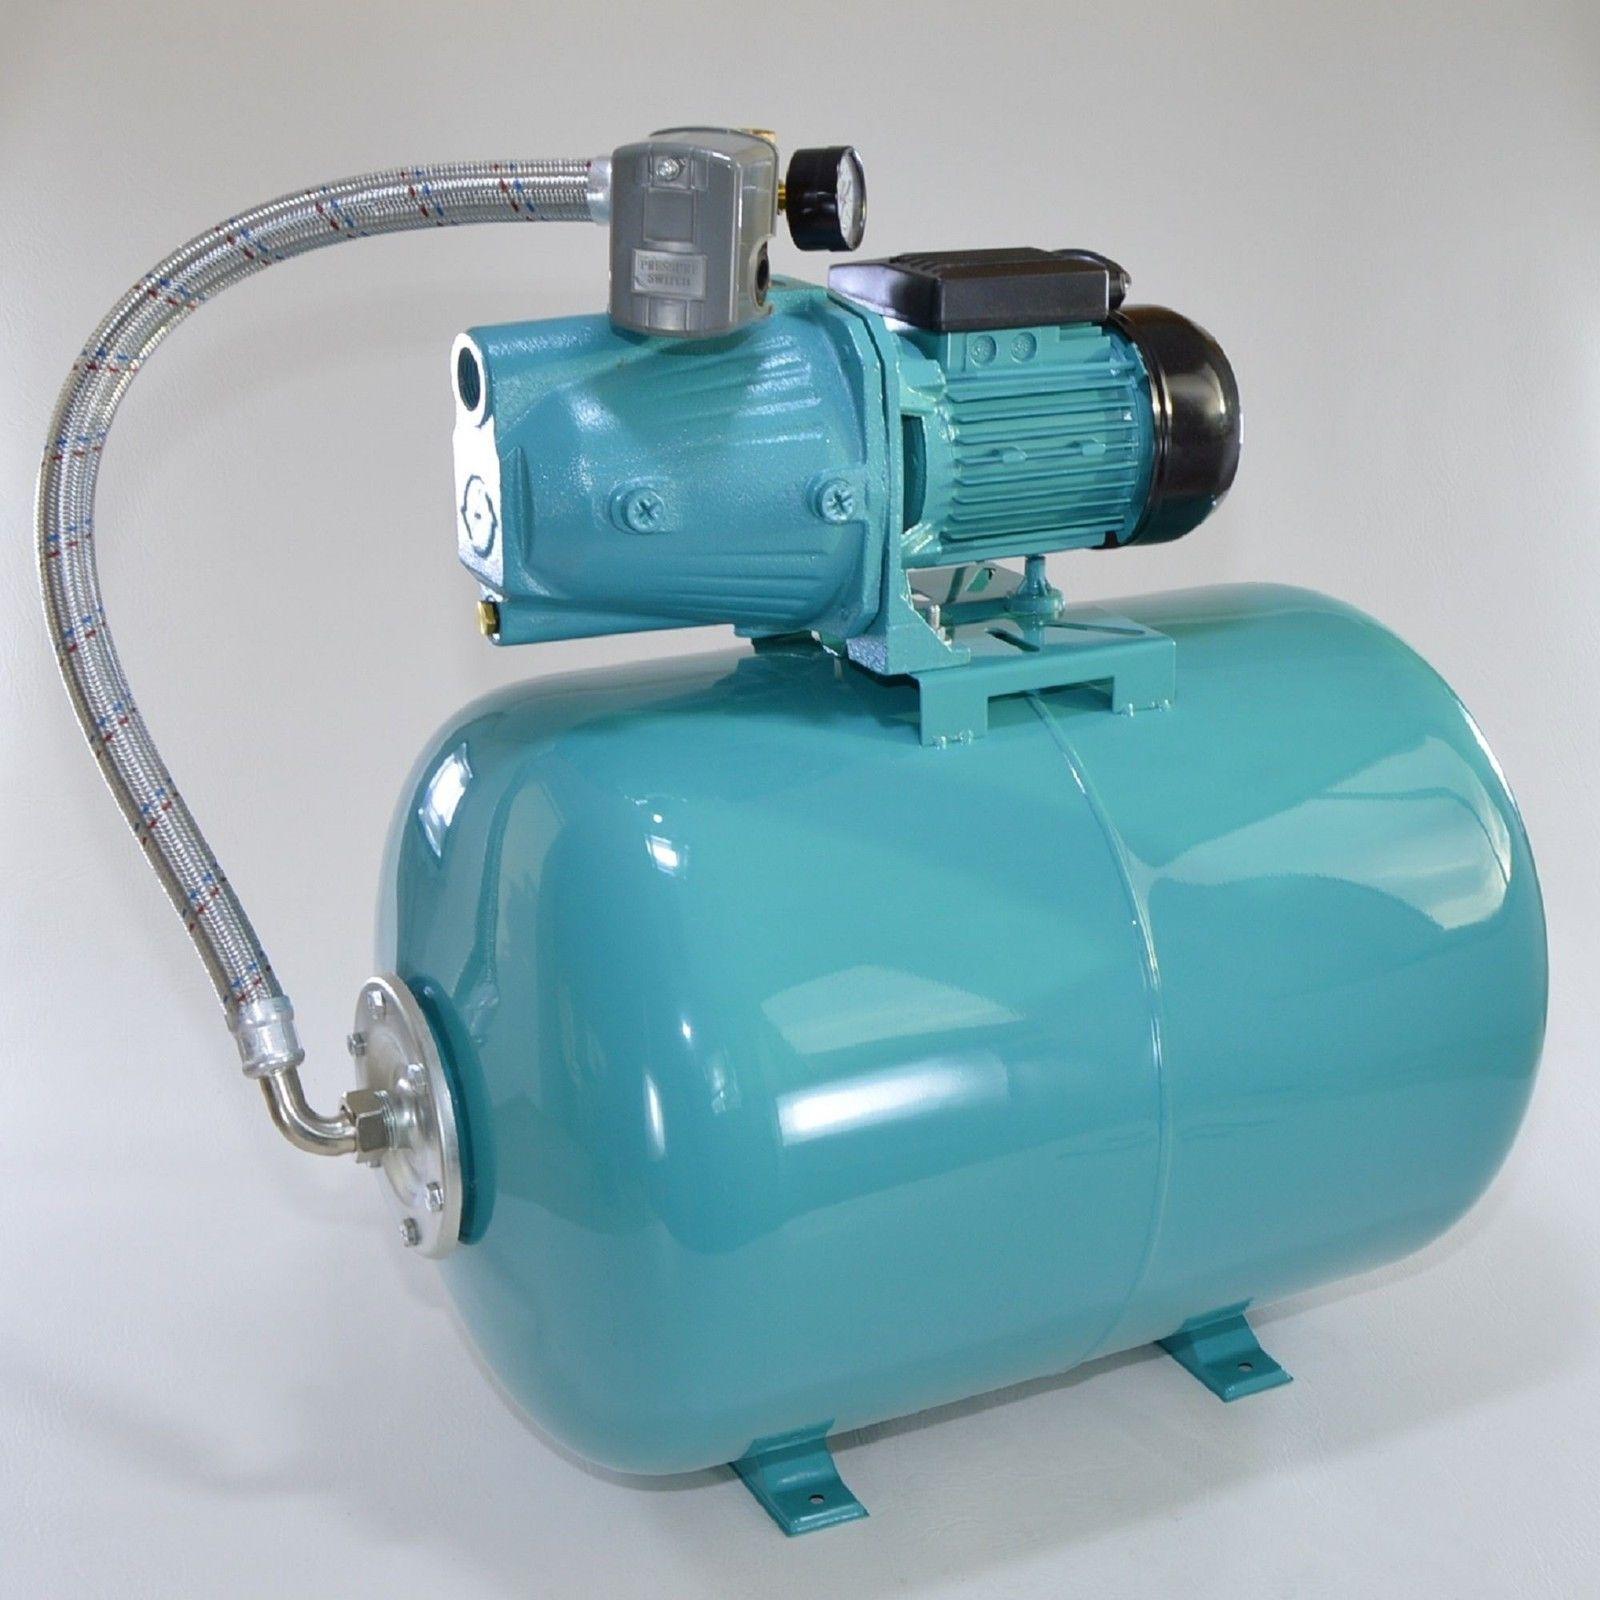 100 l hauswasserwerk pumpe 1100 edelstahl hauswassrautomat gartenpumpe ebay. Black Bedroom Furniture Sets. Home Design Ideas